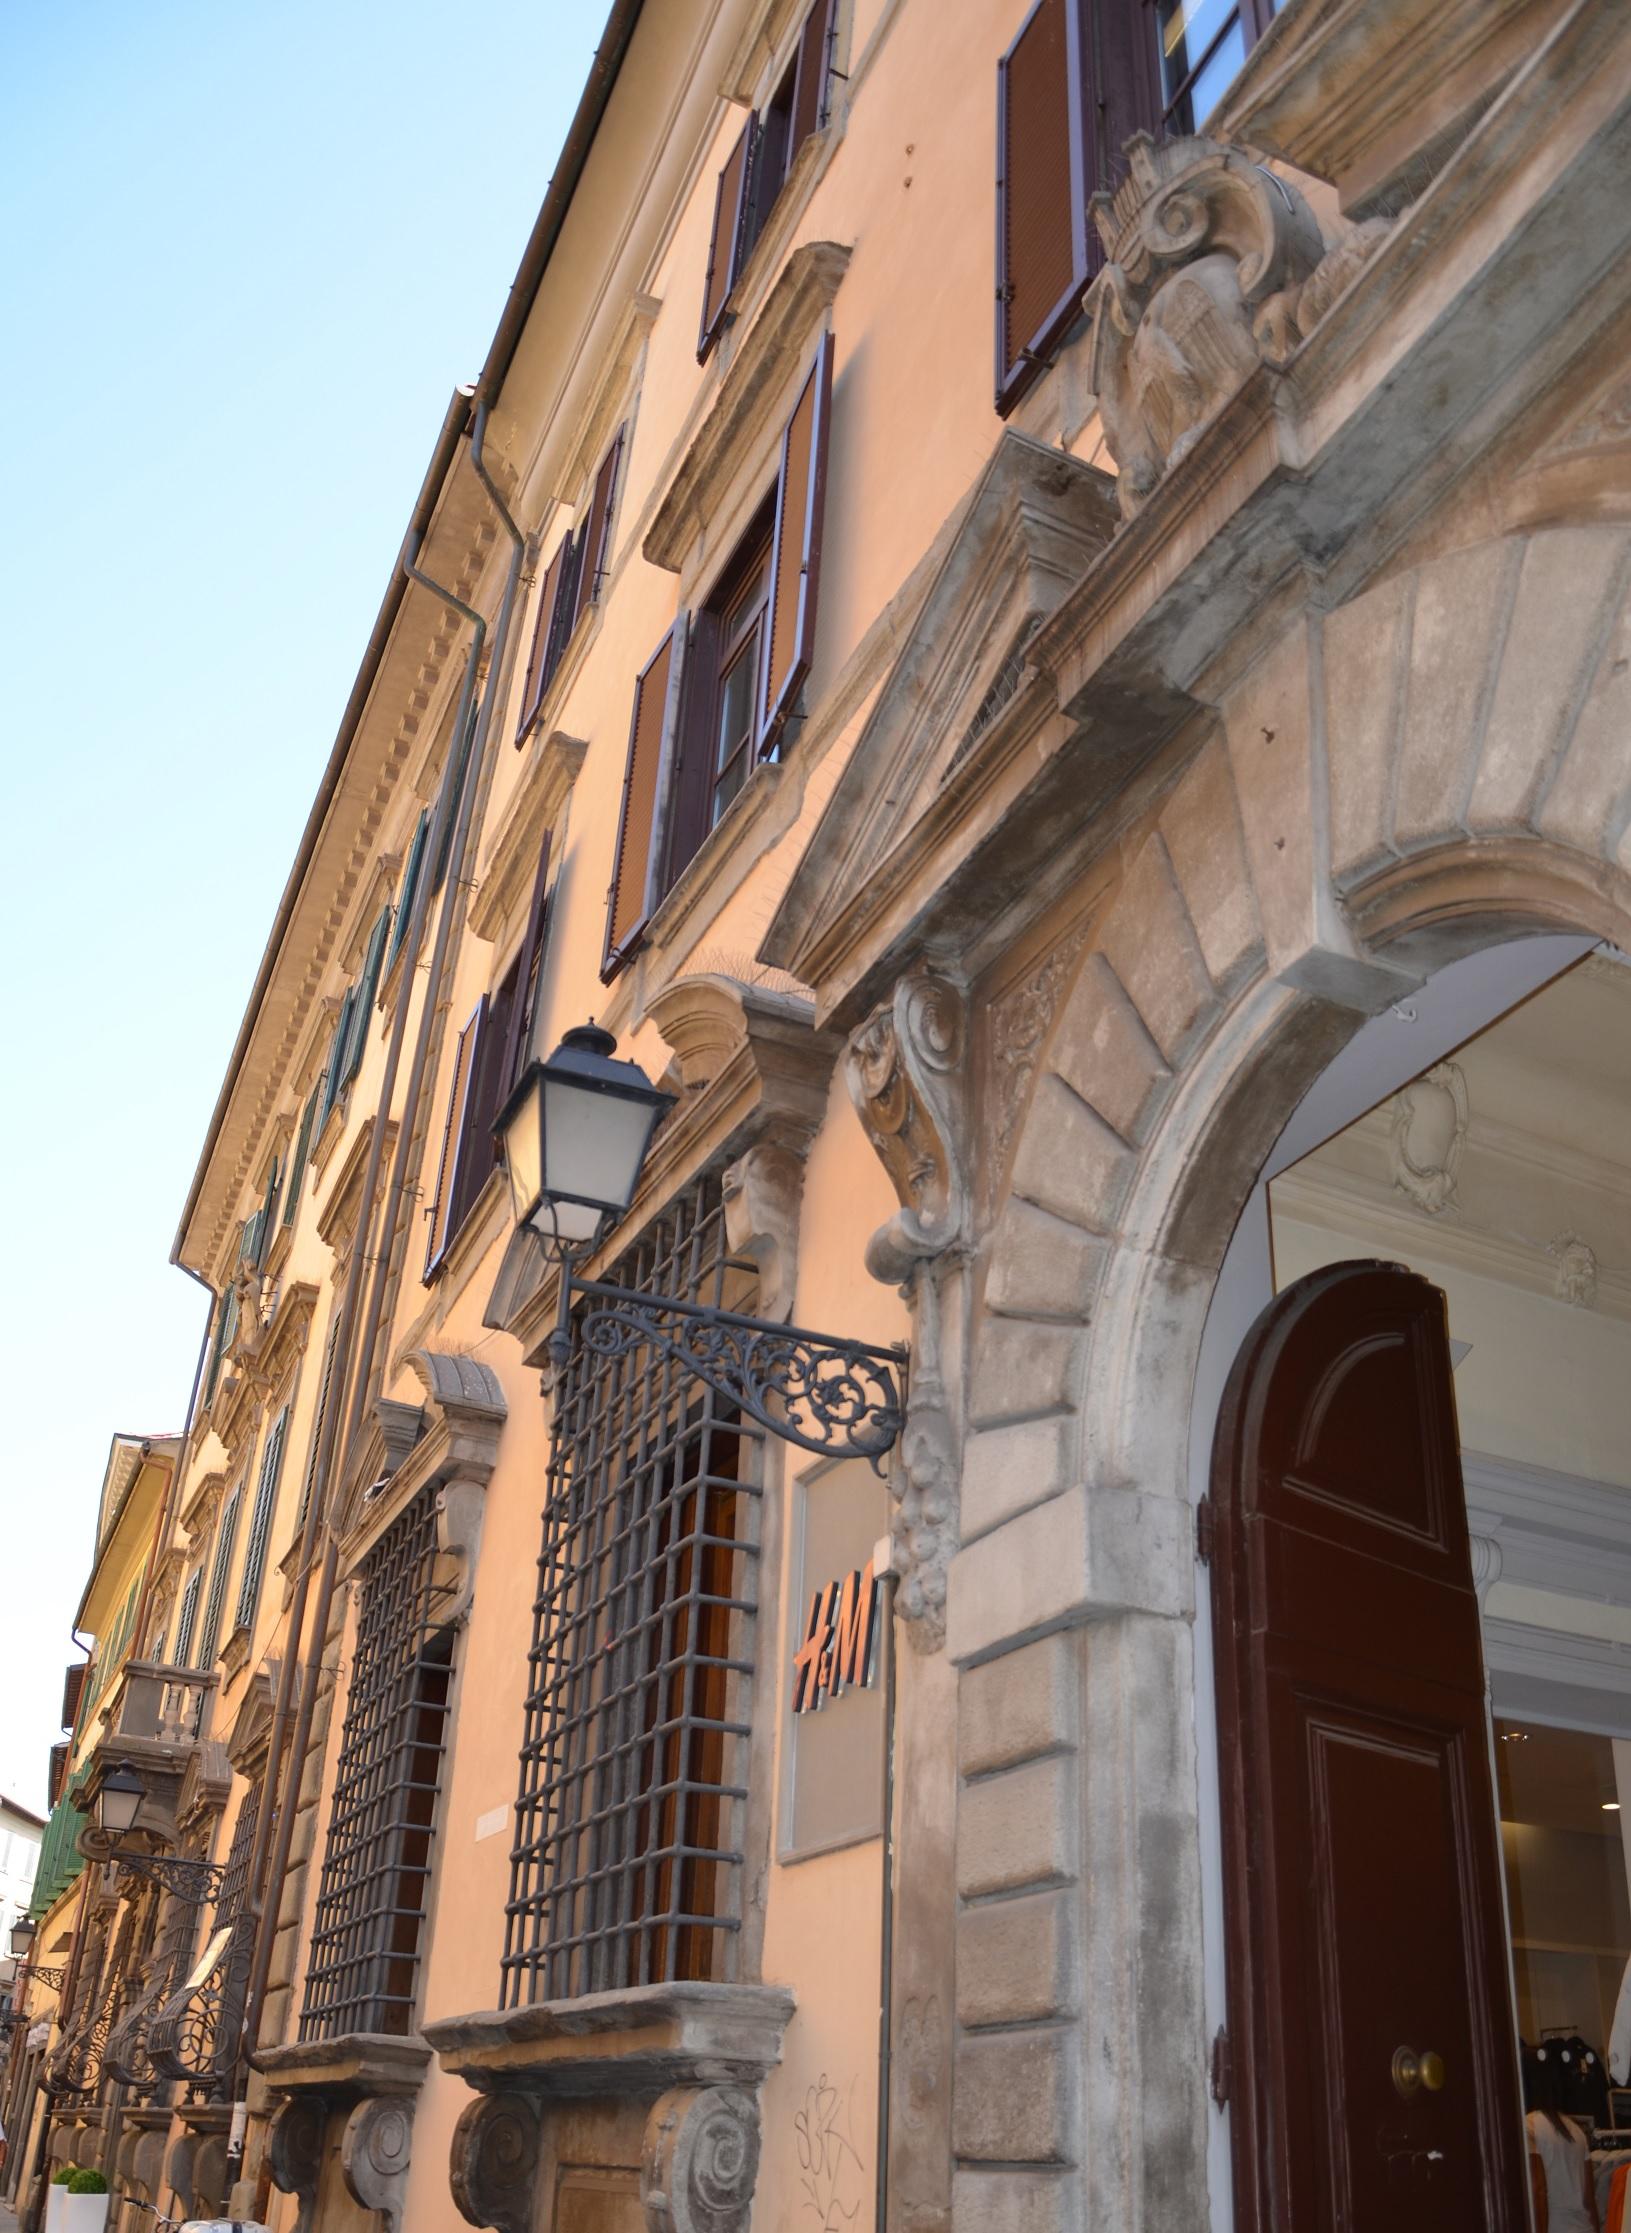 Particolari palazzo Vincenti (L. Corevi, Comune di Pisa)